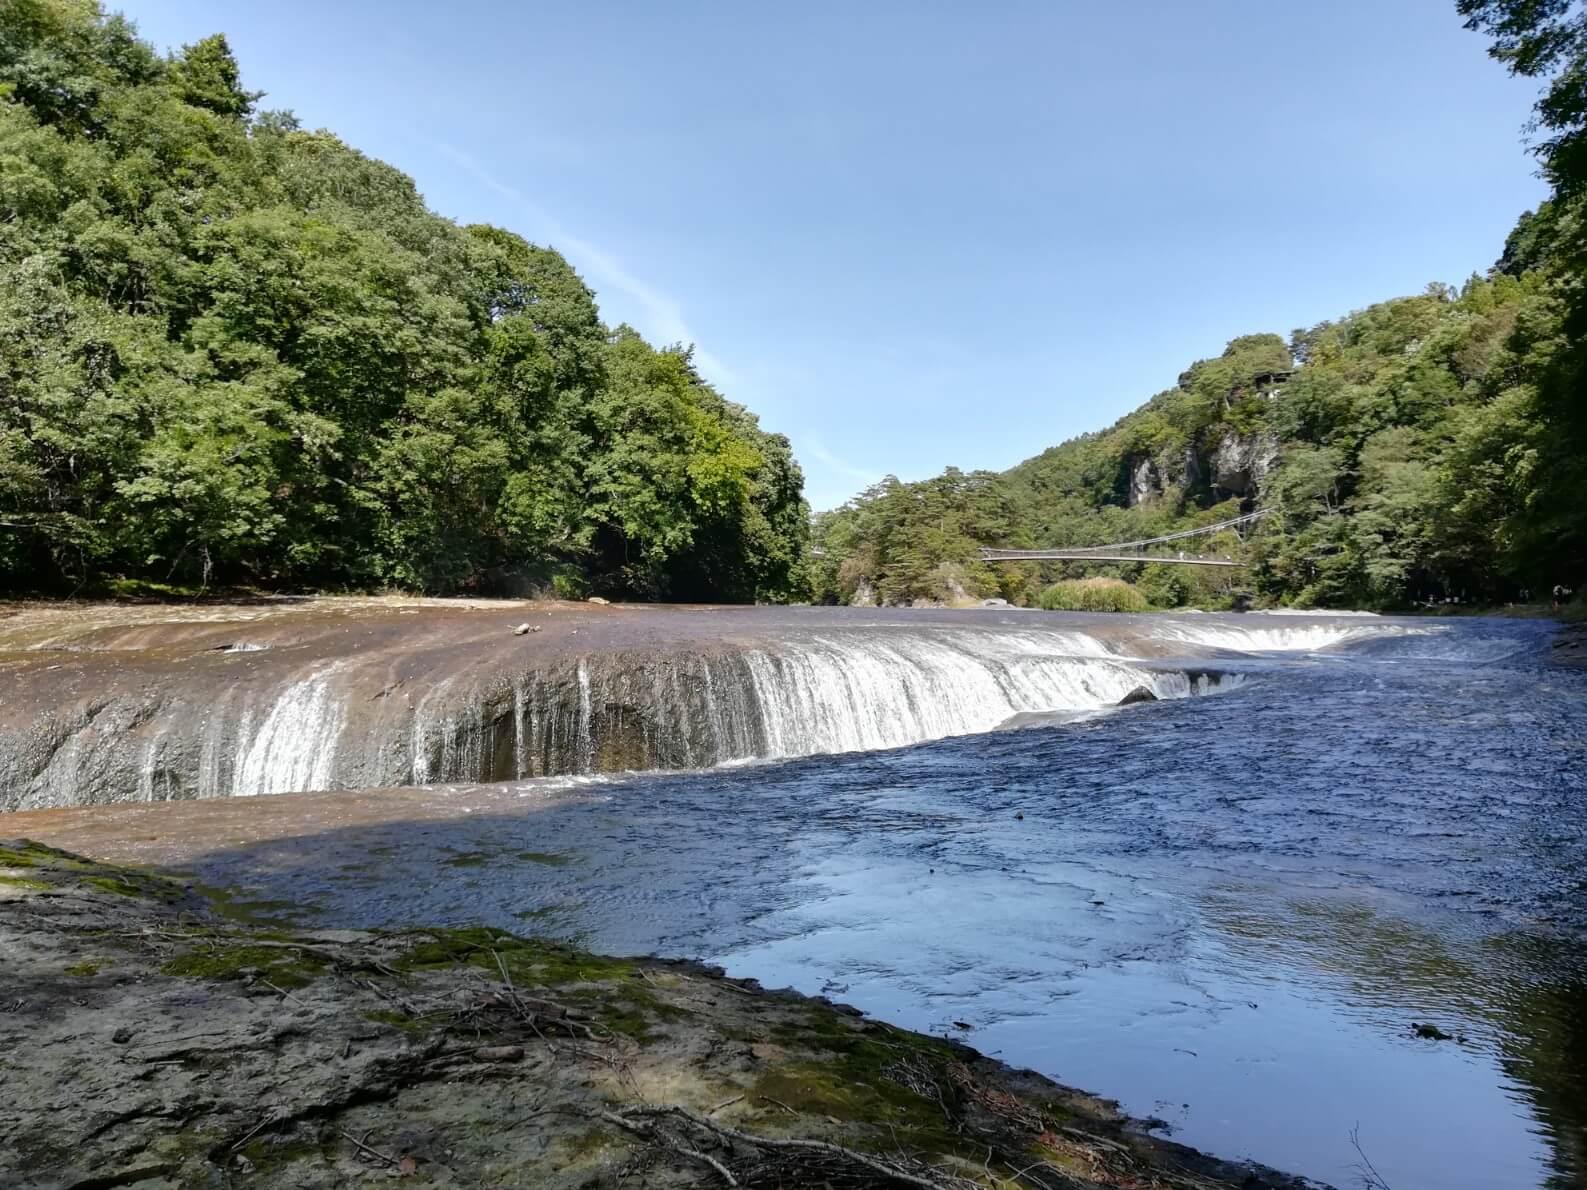 吹割の滝 アクセス